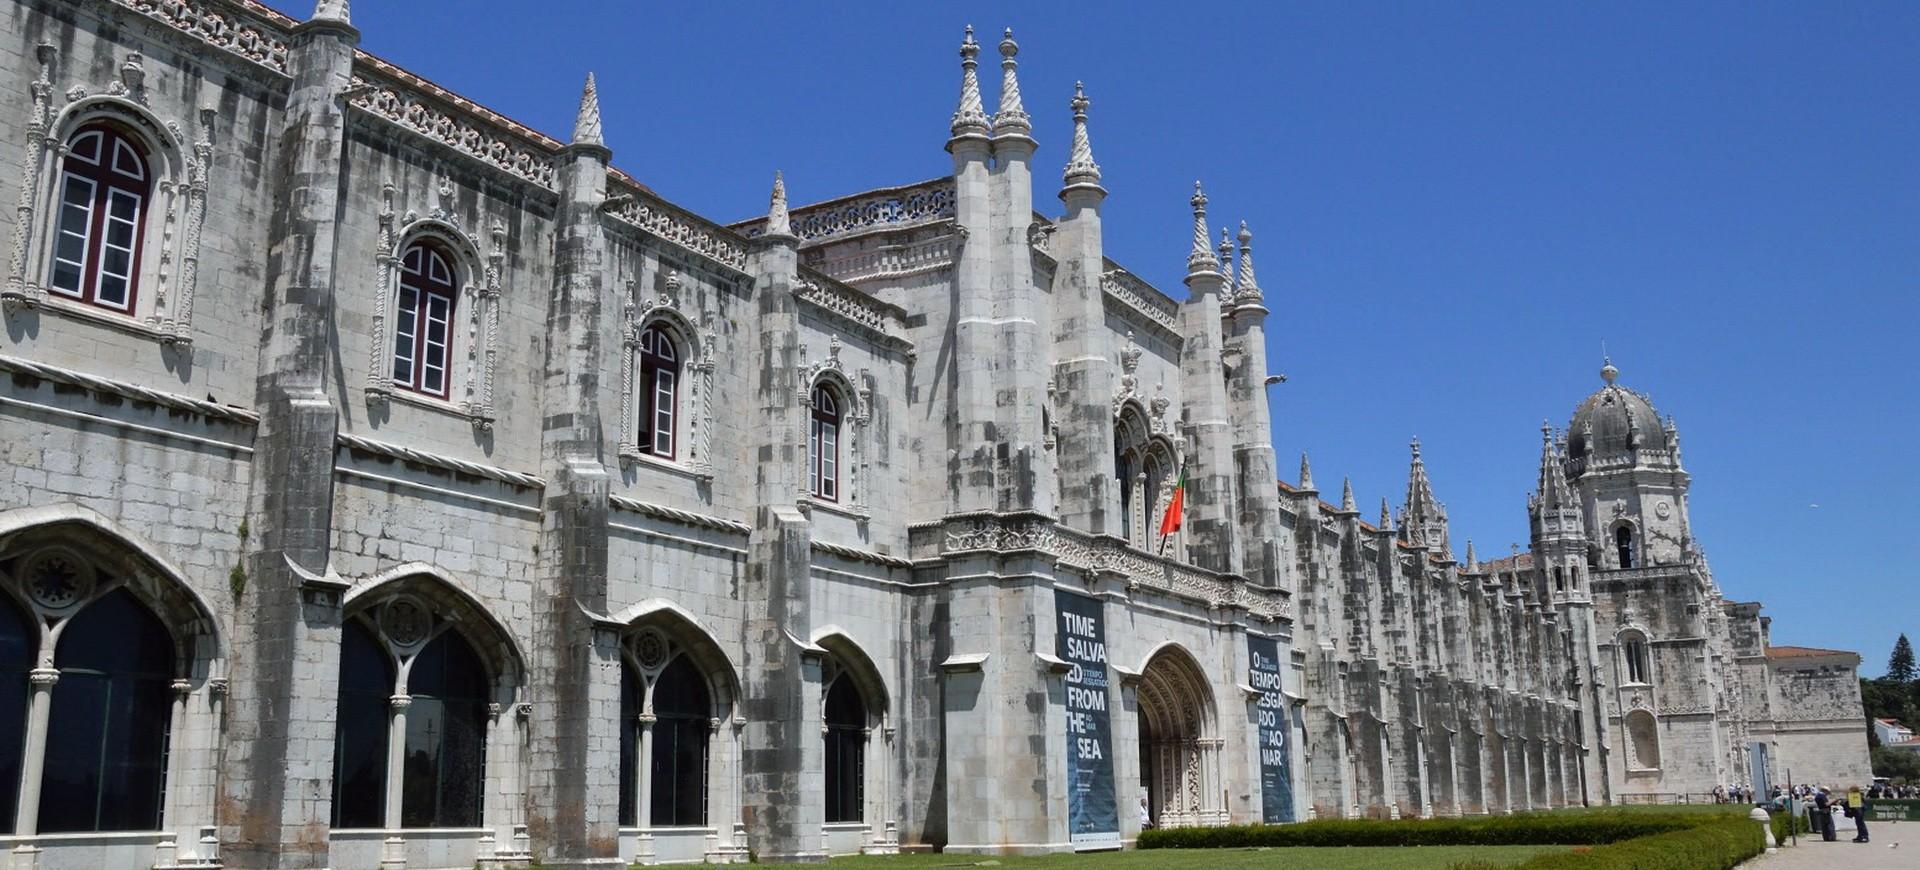 Portugal Lisbonne Monastère de Jeronimos